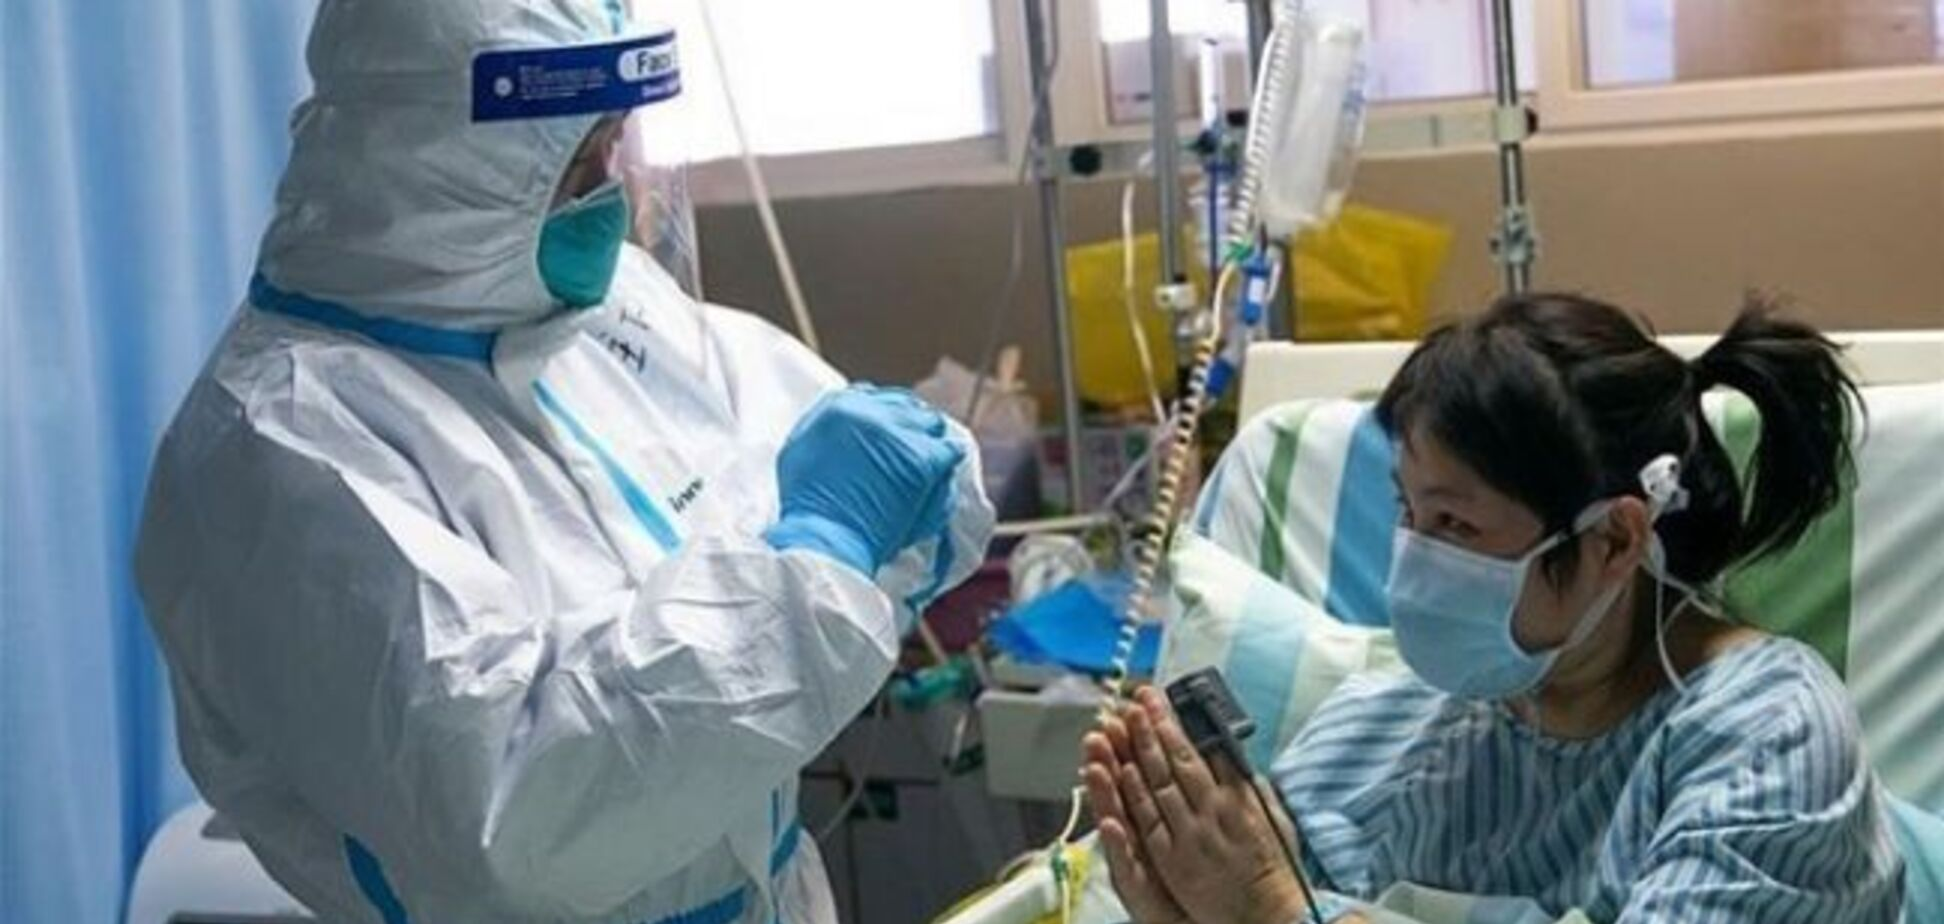 Эксперты дали пошаговую инструкцию на случай заражения коронавирусом